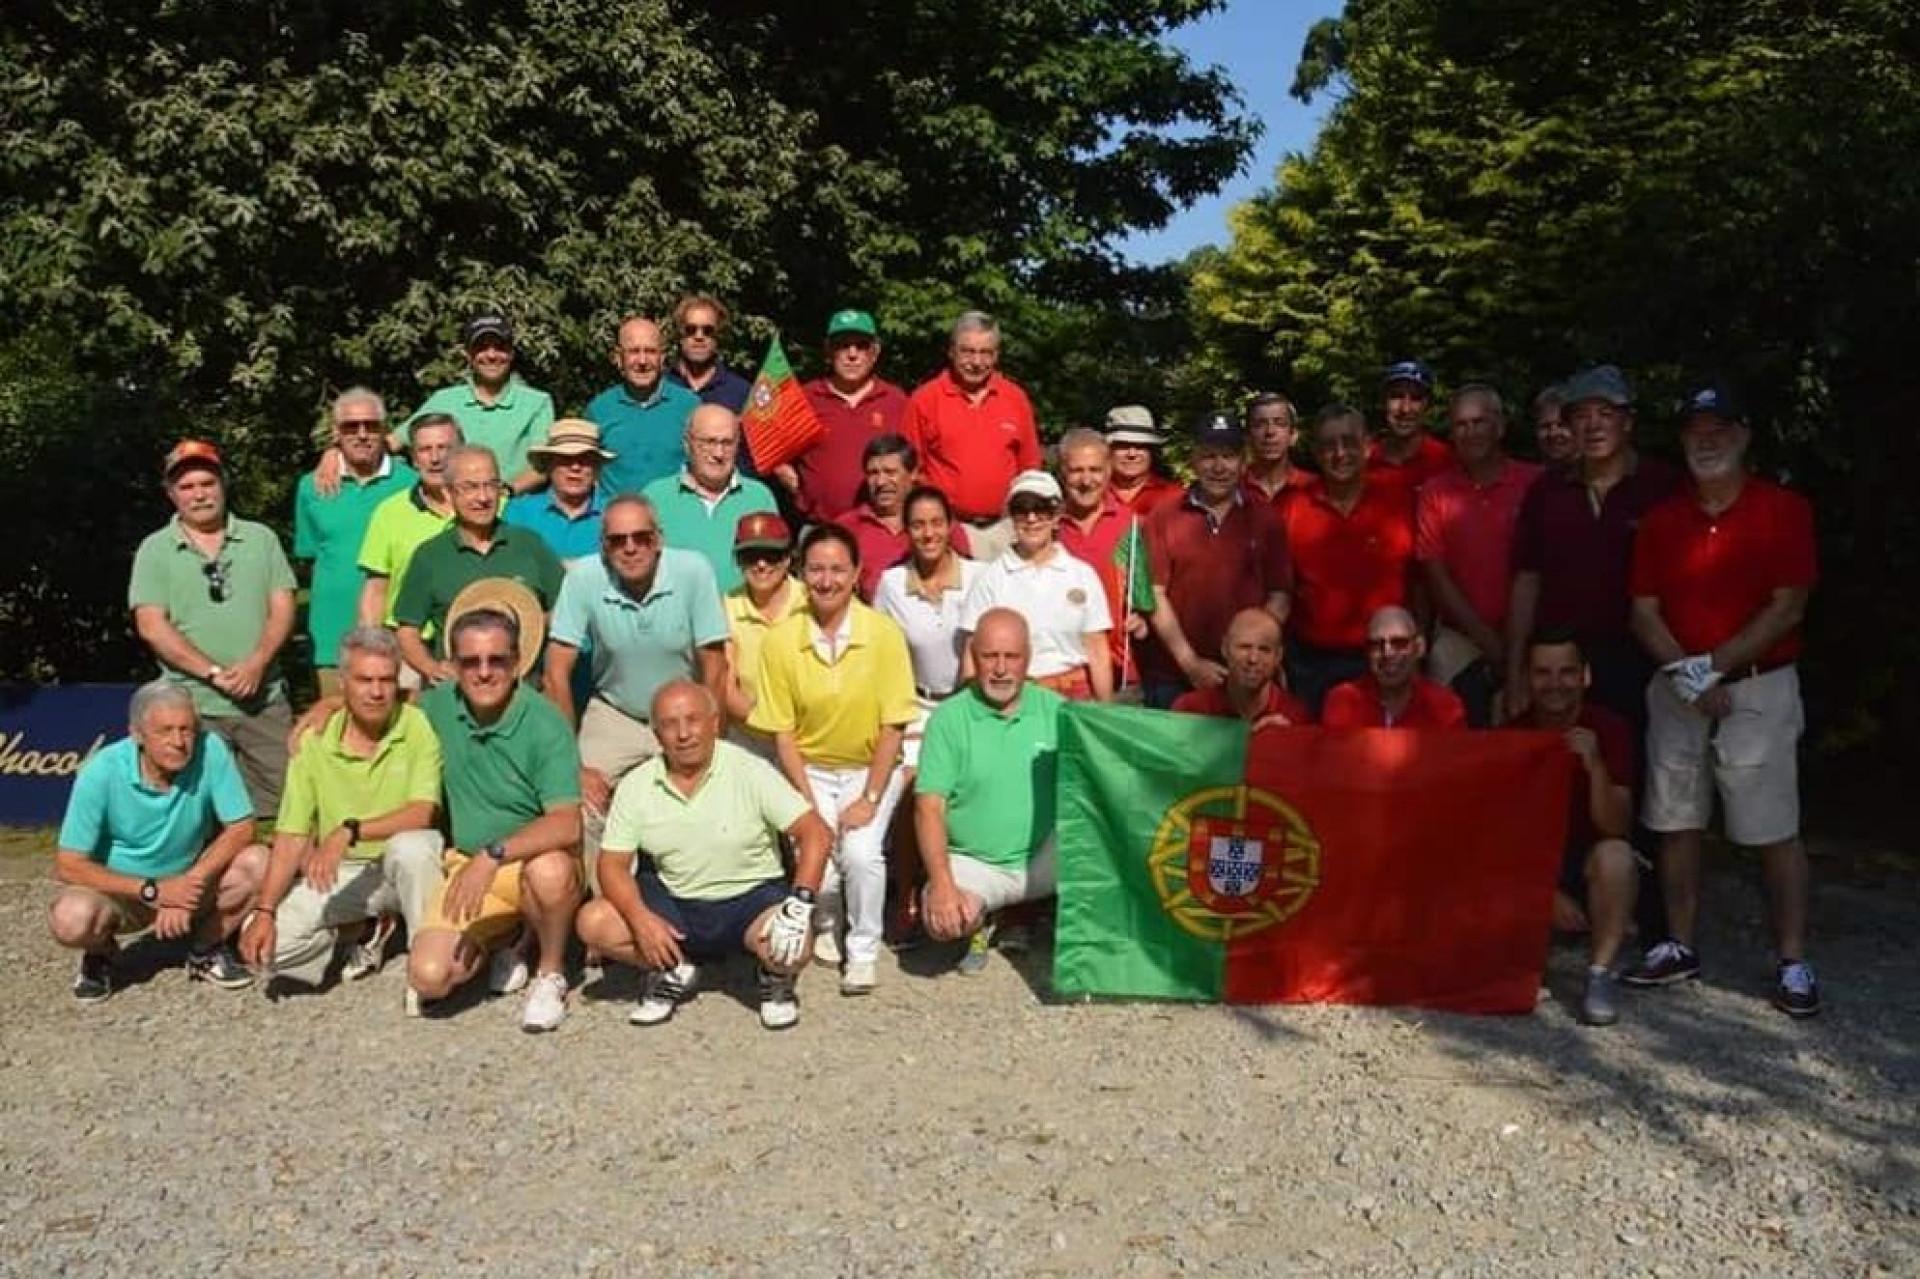 Força Portugal! Figuras públicas vibram com mais um jogo da Seleção